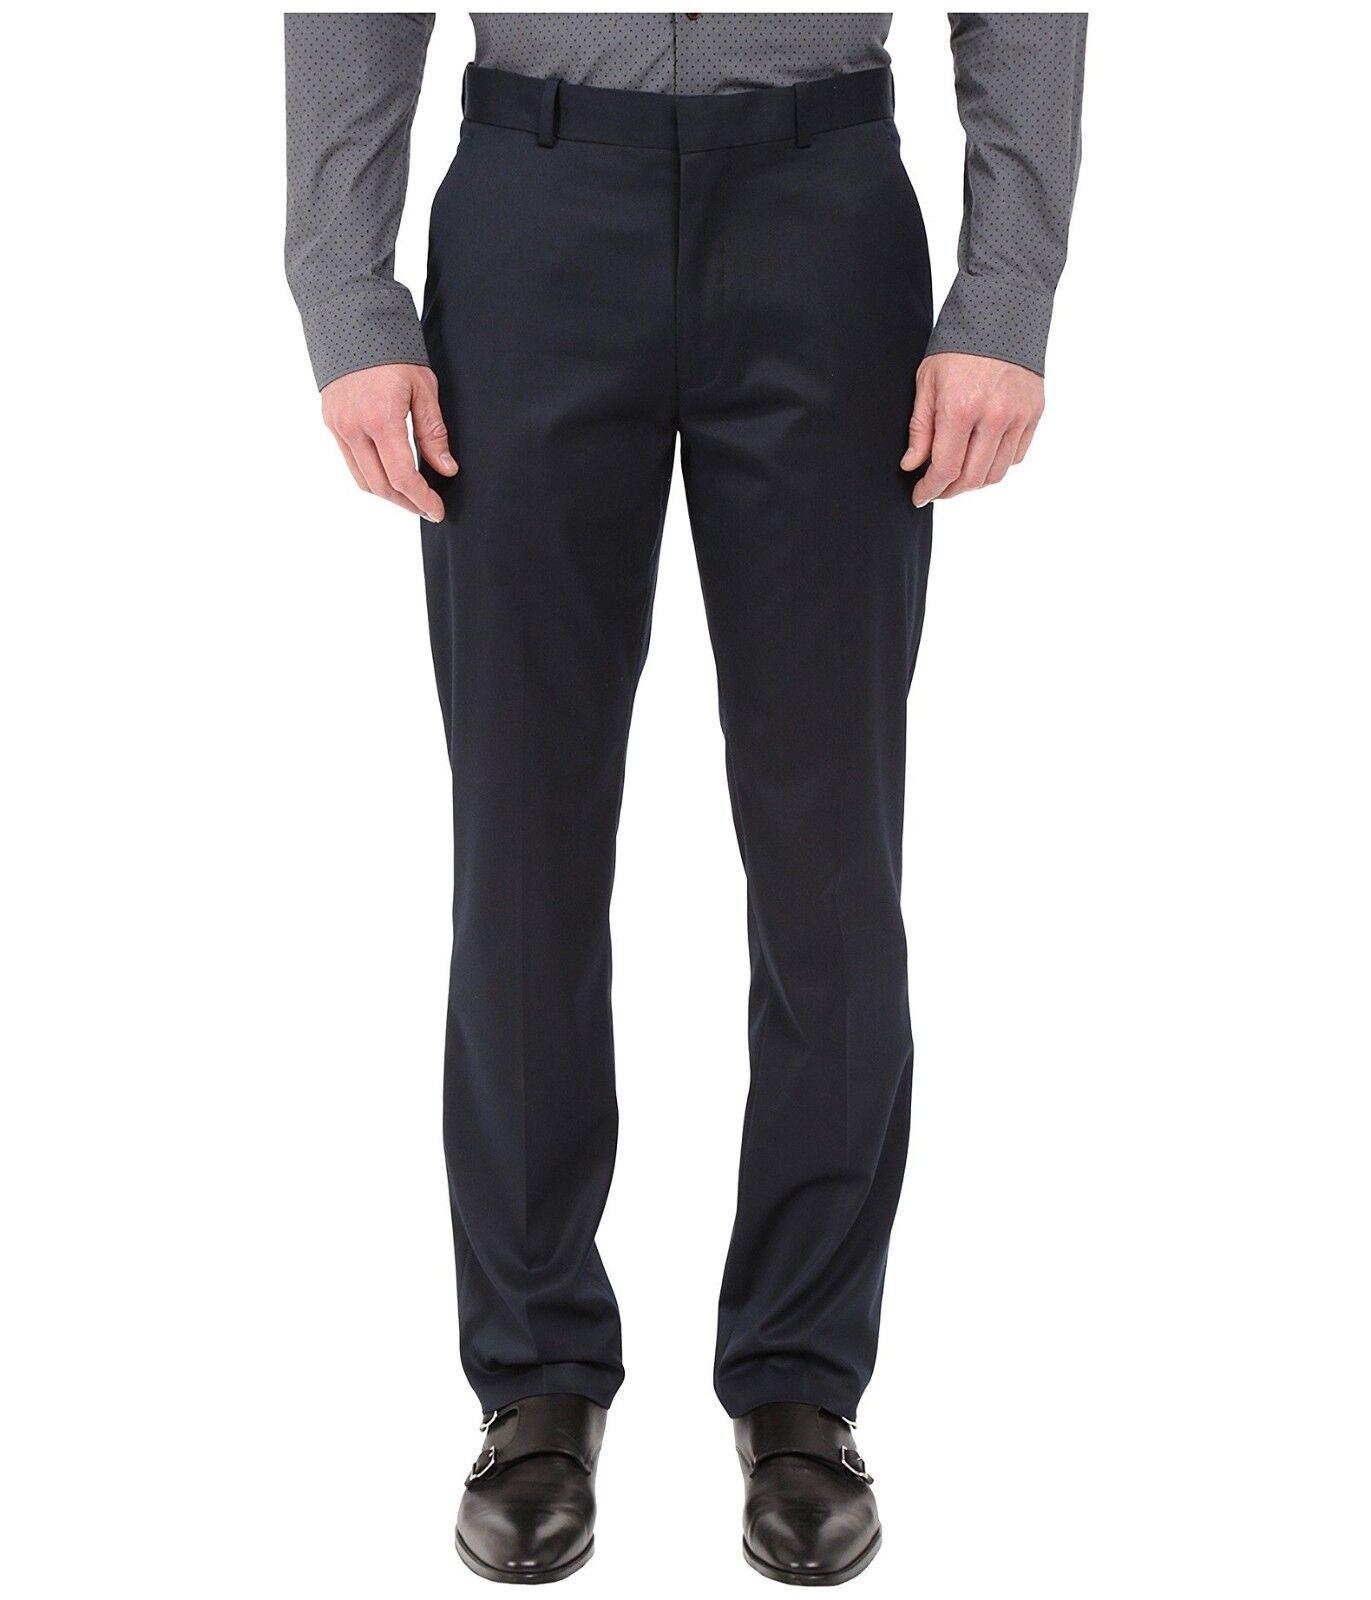 PERRY ELLIS PORTFOLIO men blueE SLIM FIT FLAT FRONT DRESS PANTS 29 W 30 L